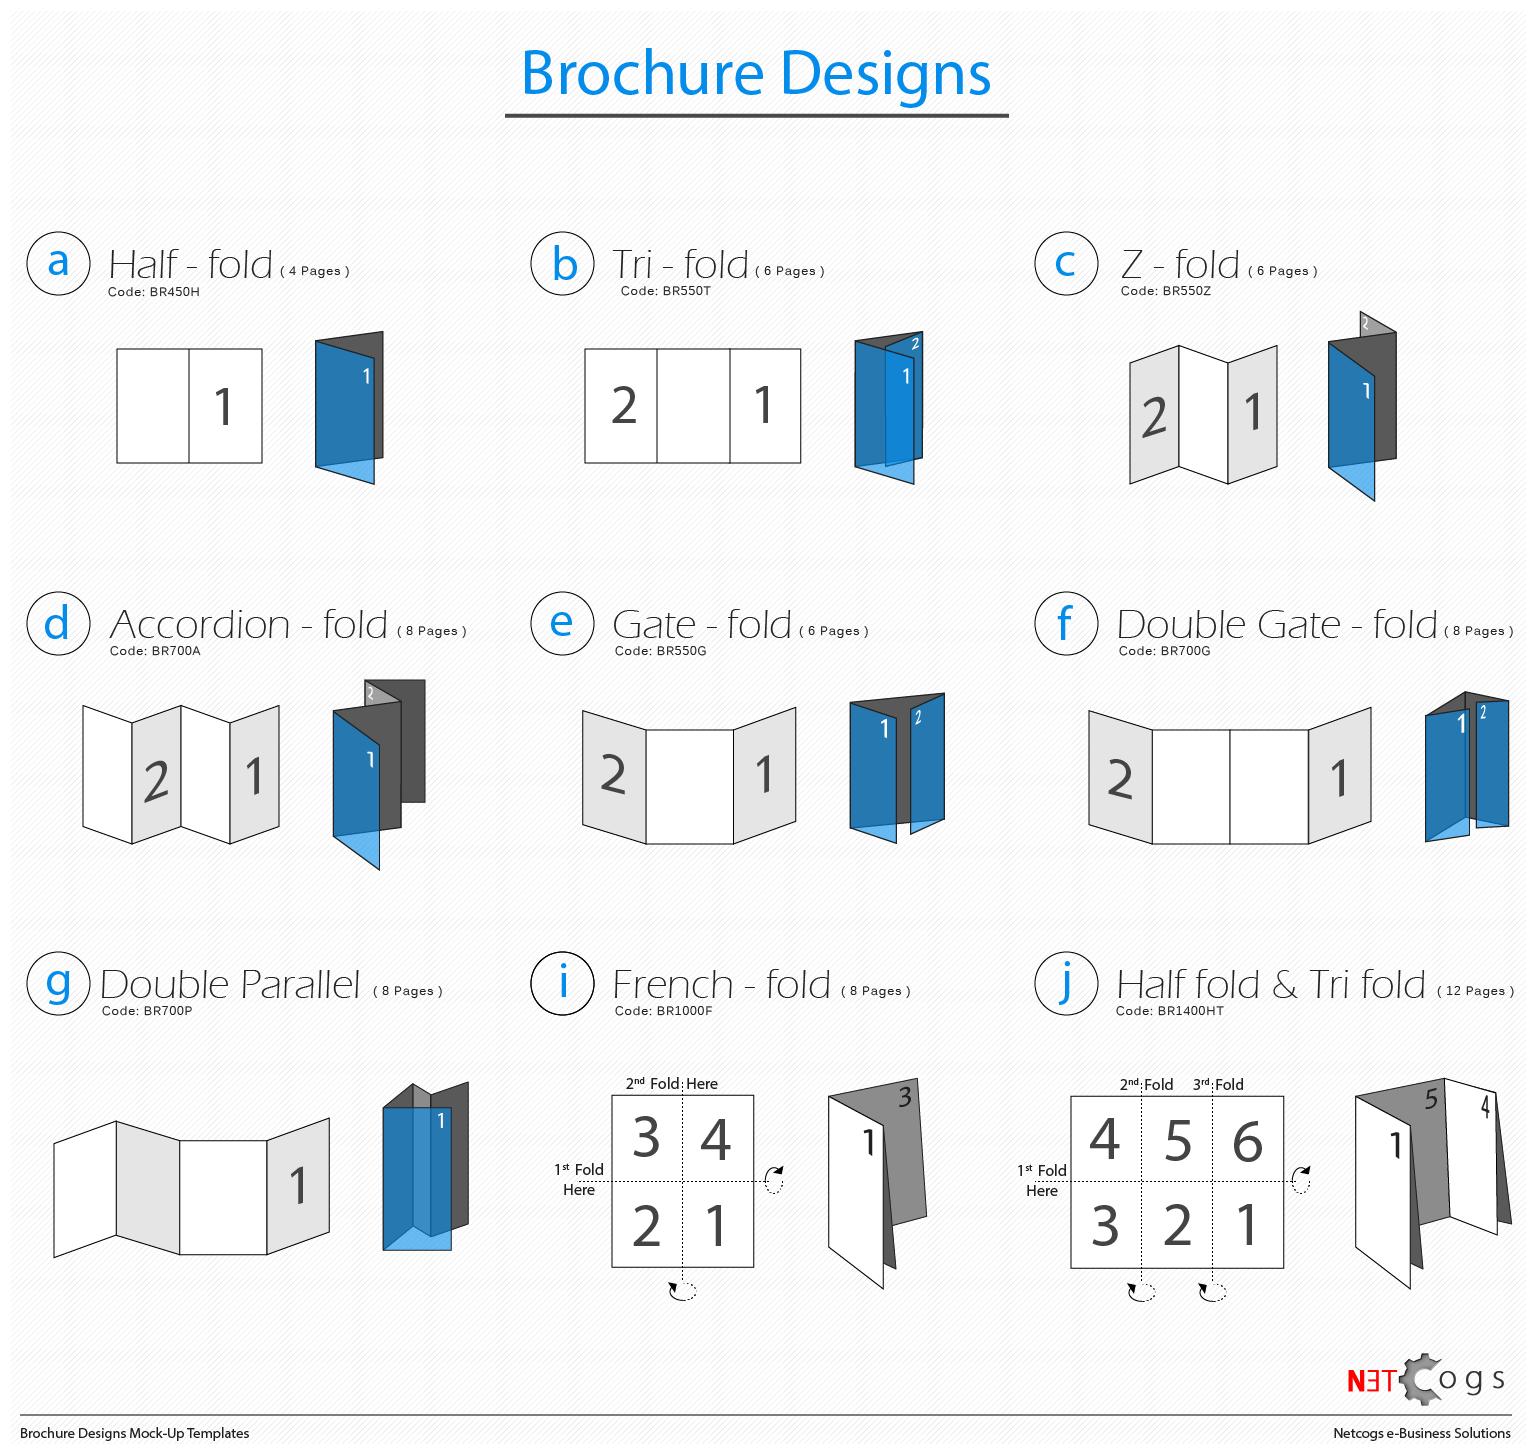 Brochure-Designs-Mockup-Netcogs